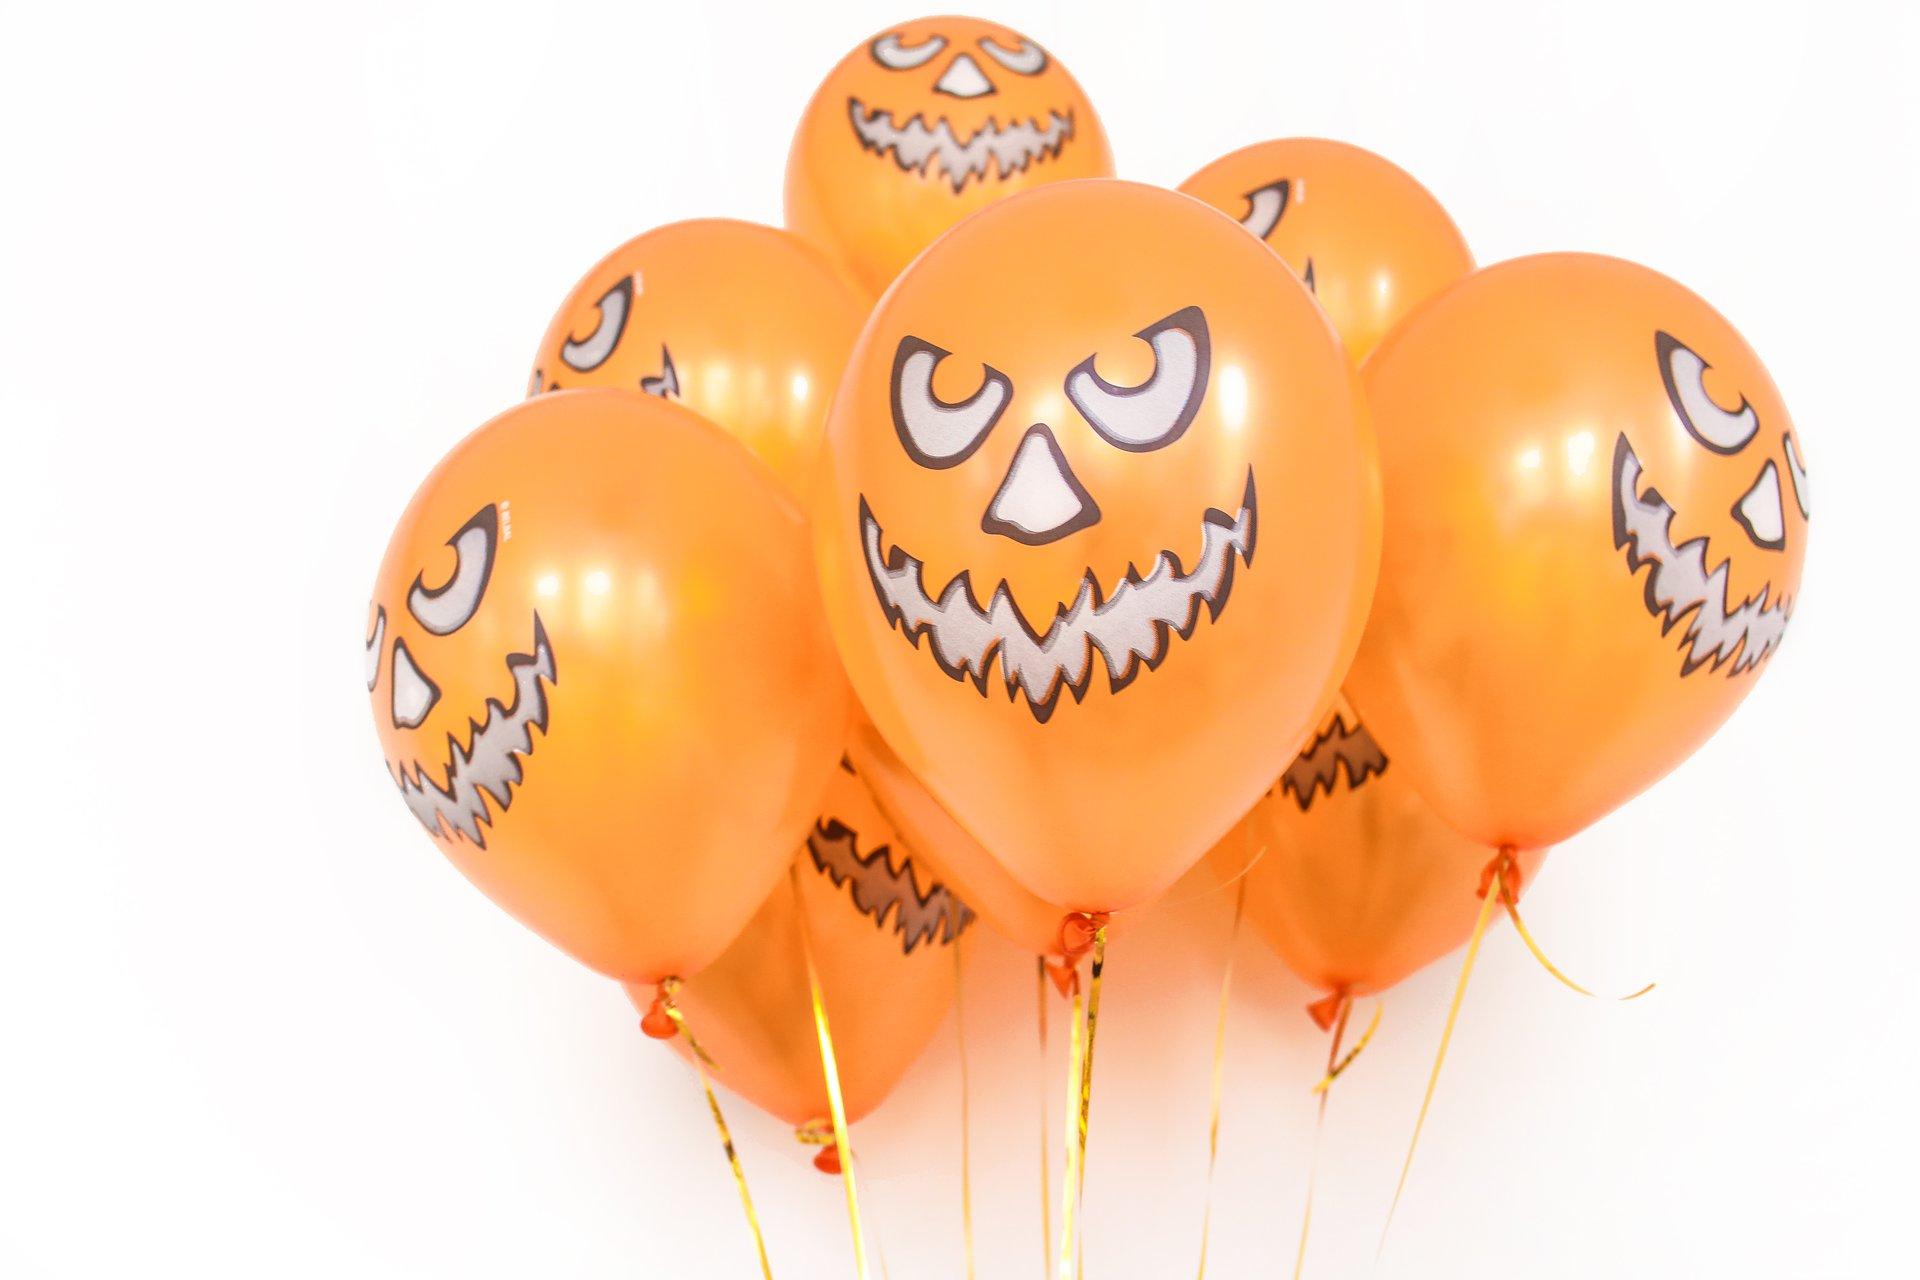 Оранжевые воздушные шары в виде тыков на Хэллоуин